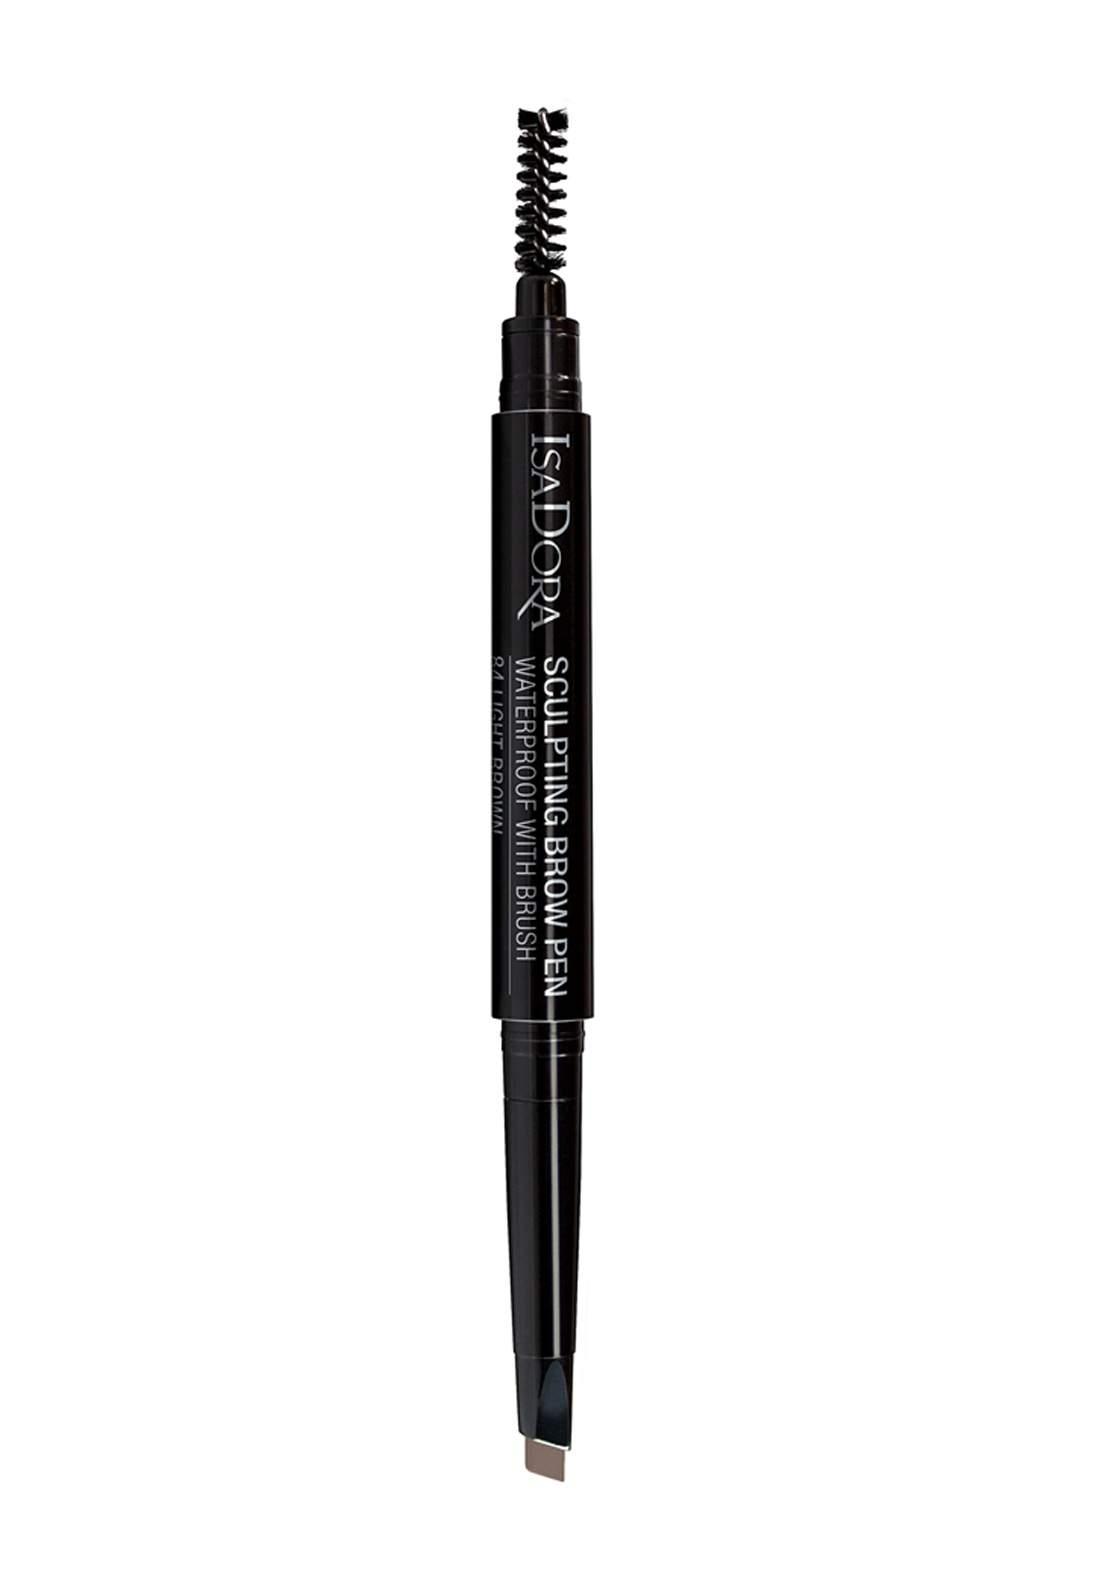 314206 Isadora Sculpting Brow Pen Waterproof - Light Brown No.84  قلم تحديد الحواجب بالفرشاة